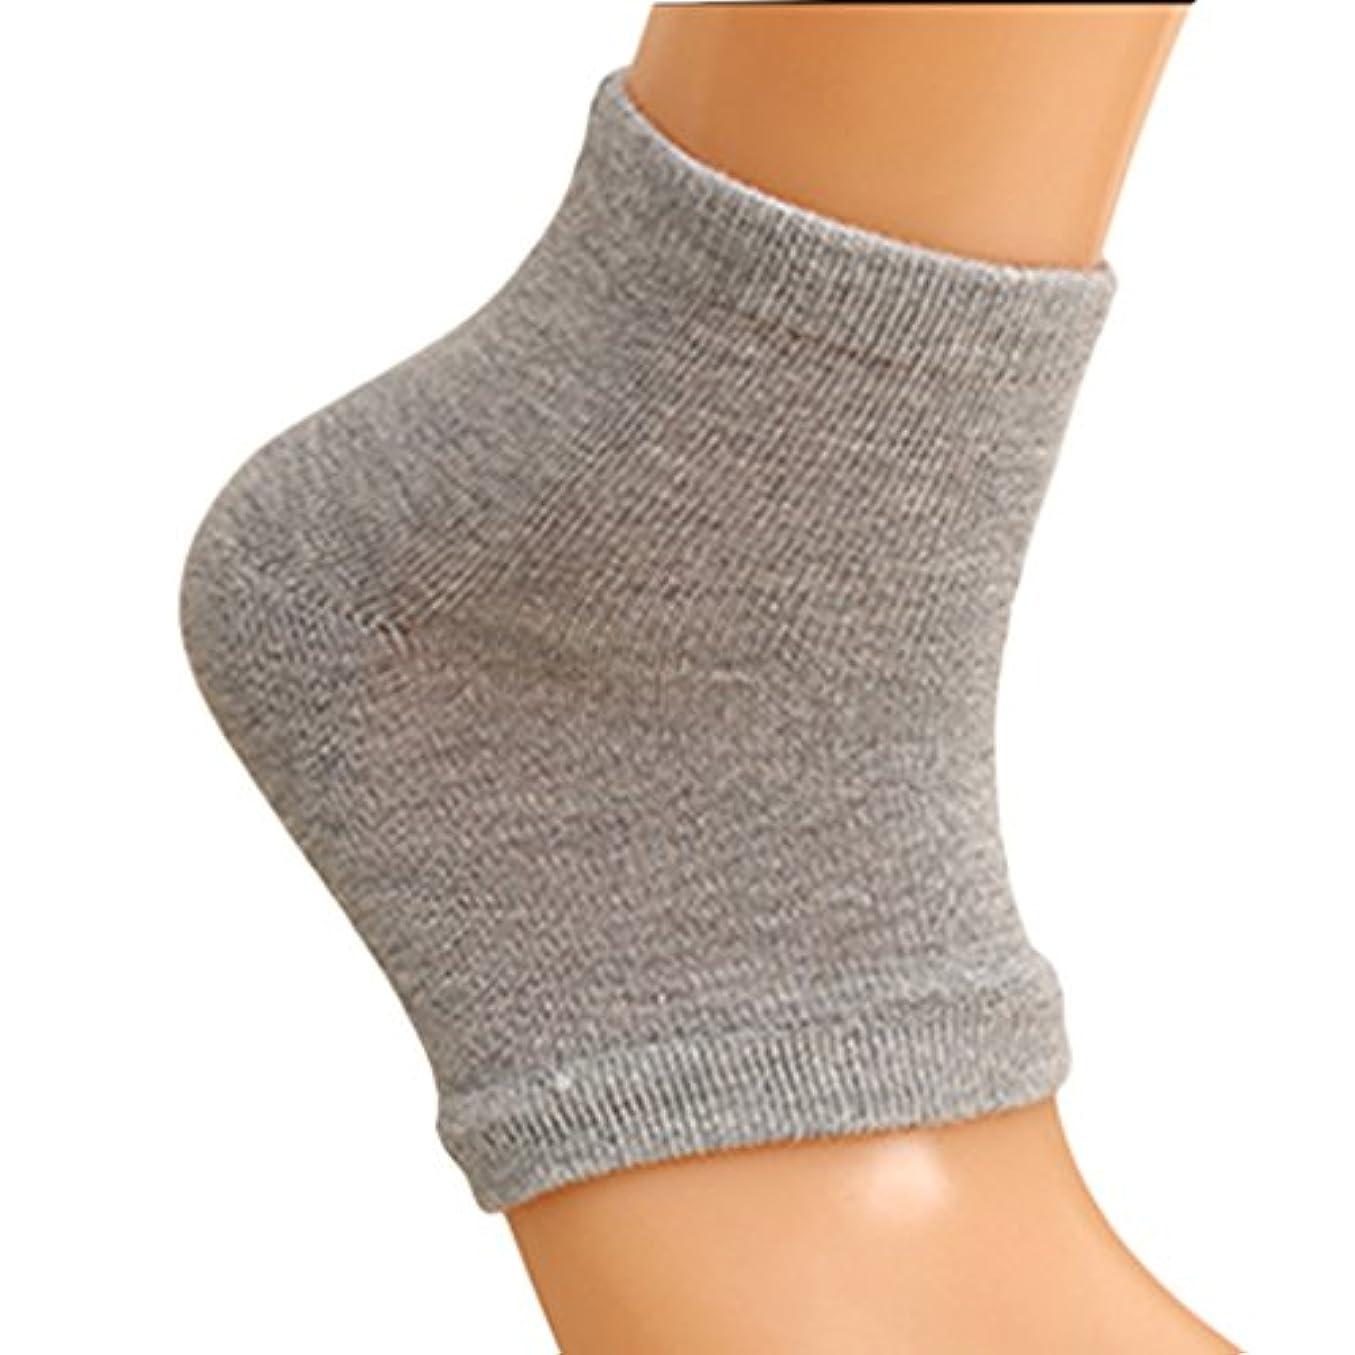 分類寄託第四Seliyi 2色組 靴下 ソックス レディース メンズ 靴下 つるつる 靴下 フットケア かかとケア ひび 角質ケア 保湿 角質除去(ピンク+グレー)